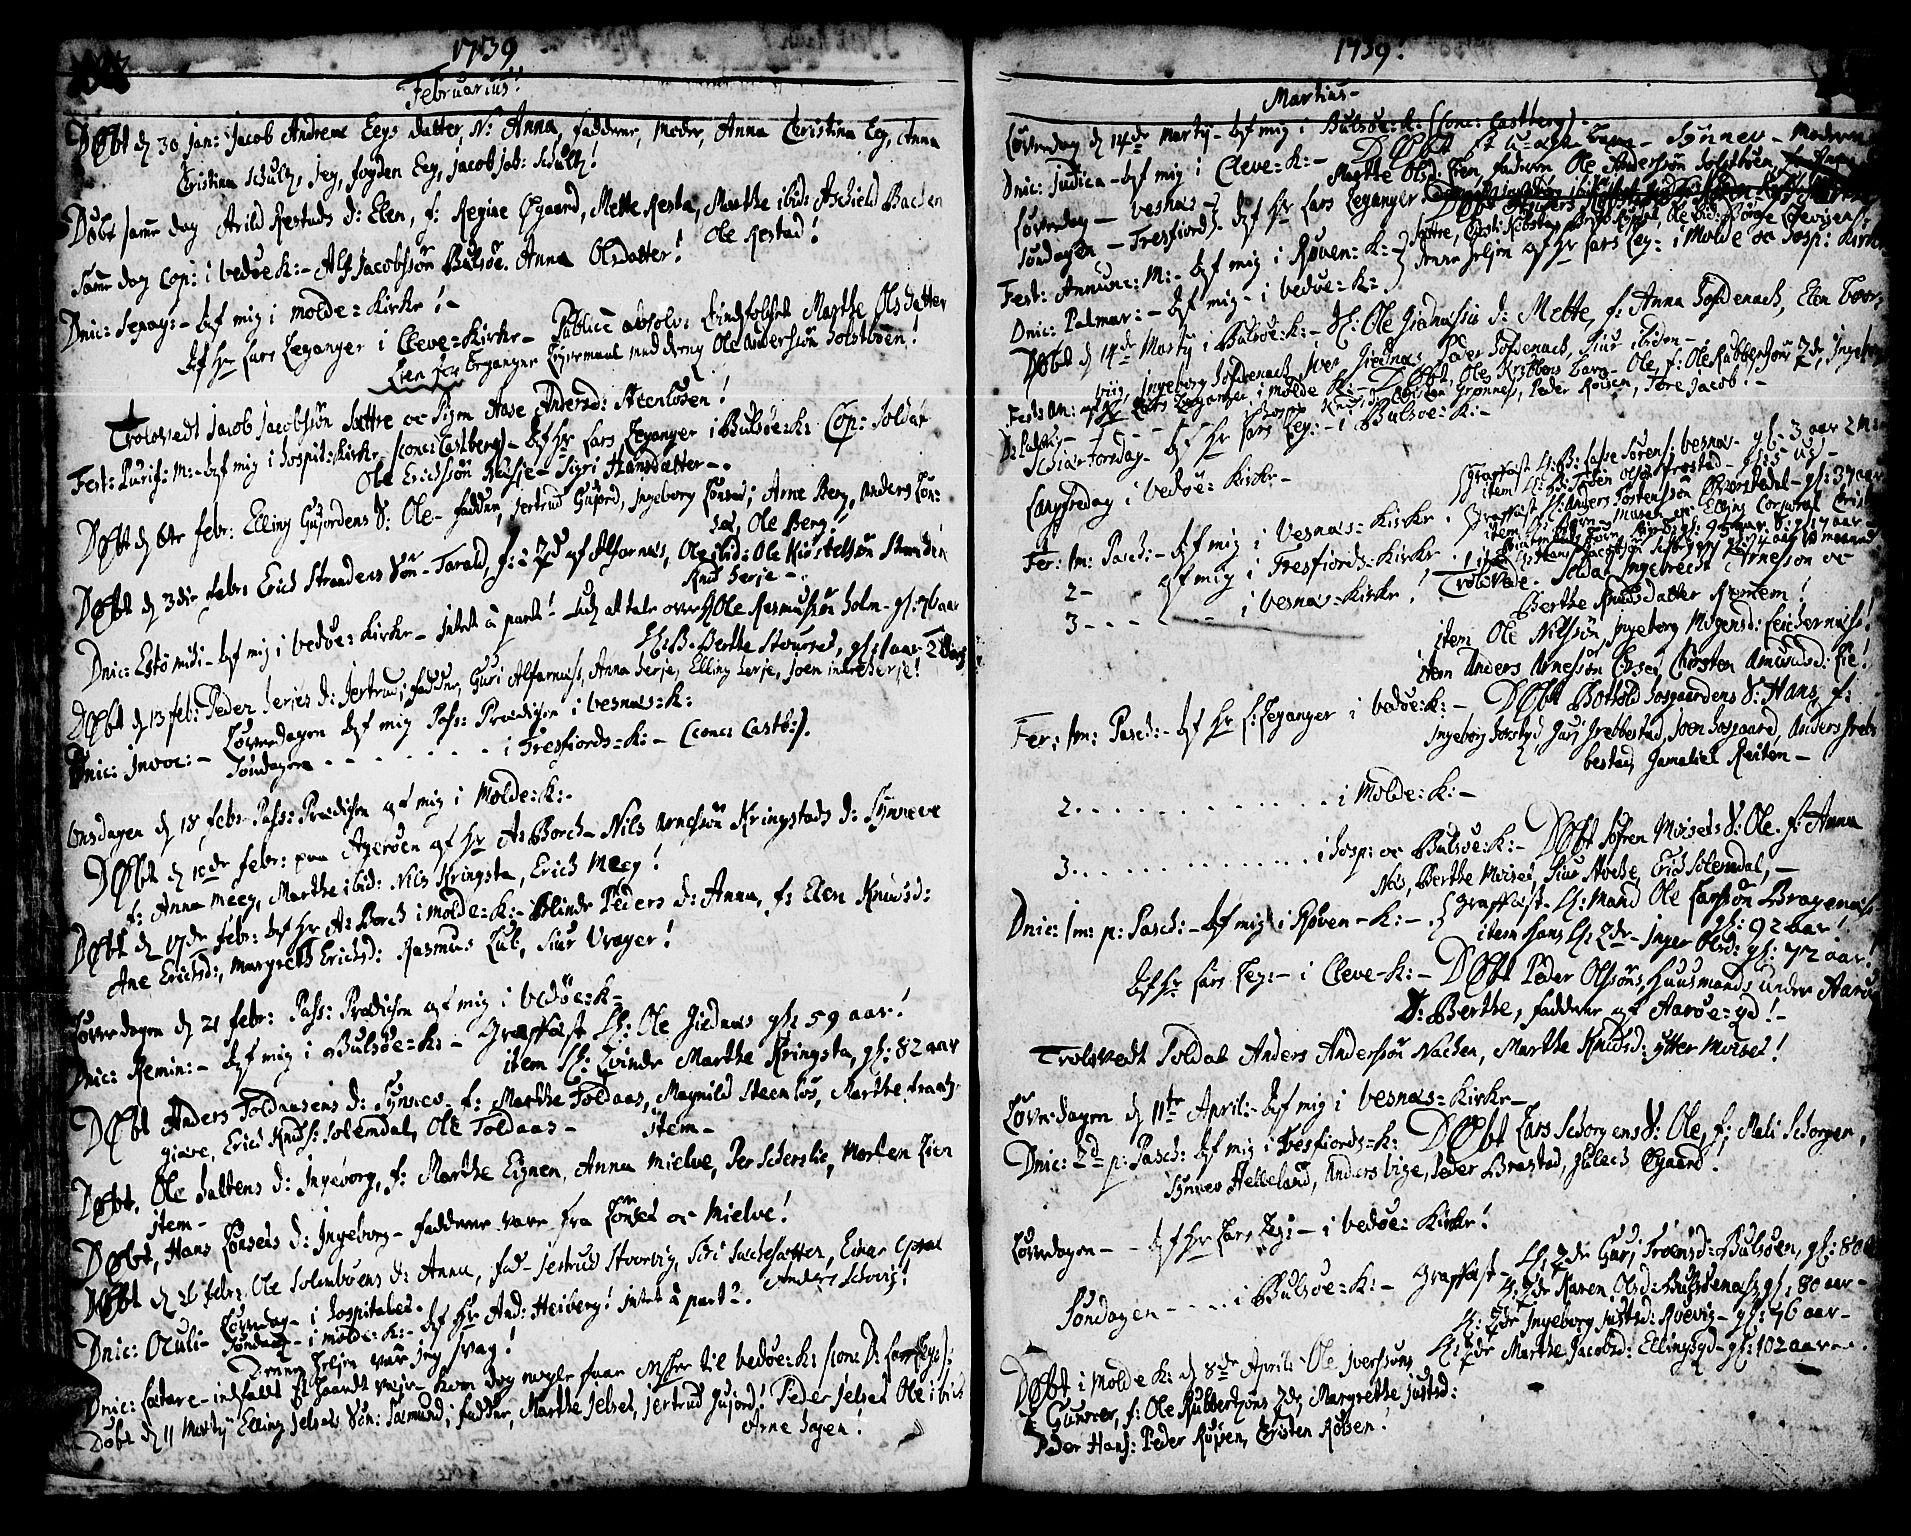 SAT, Ministerialprotokoller, klokkerbøker og fødselsregistre - Møre og Romsdal, 547/L0599: Ministerialbok nr. 547A01, 1721-1764, s. 194-195